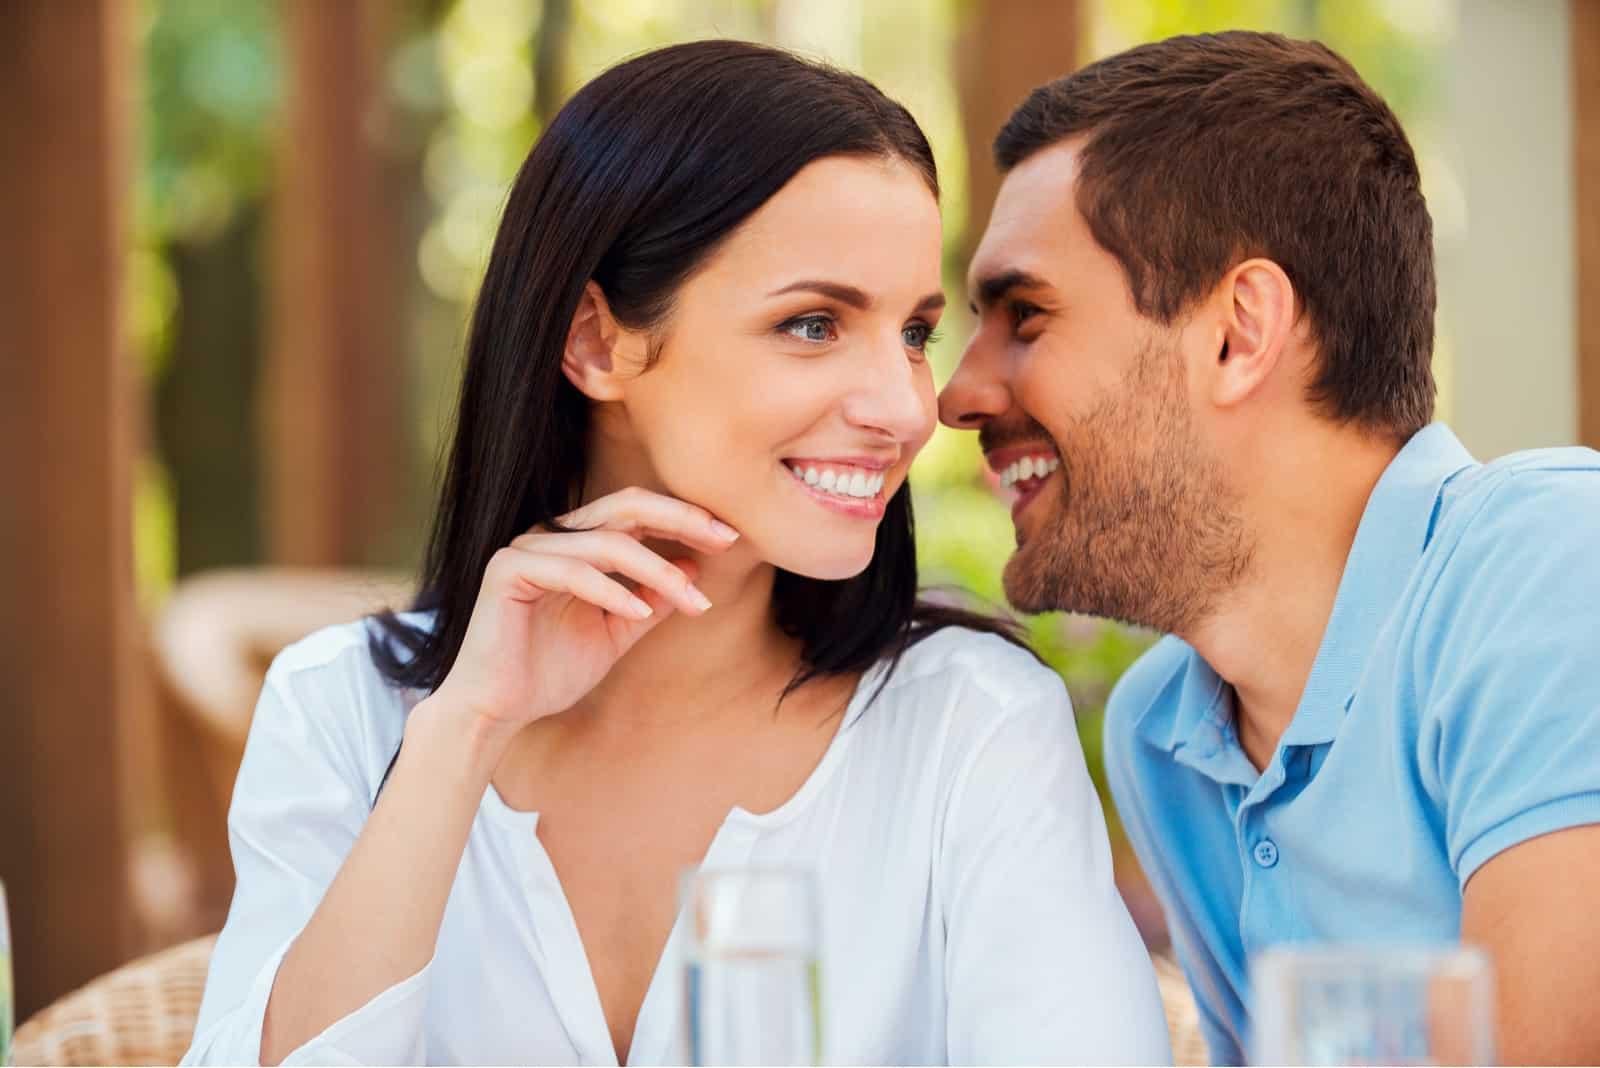 Der Mann flüstert der lächelnden Frau etwas zu